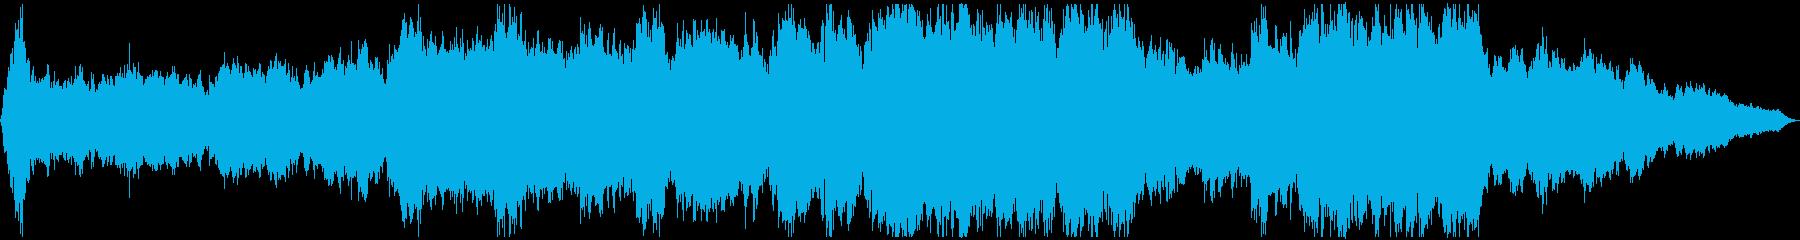 ラストを飾るオーケストラサウンドの再生済みの波形